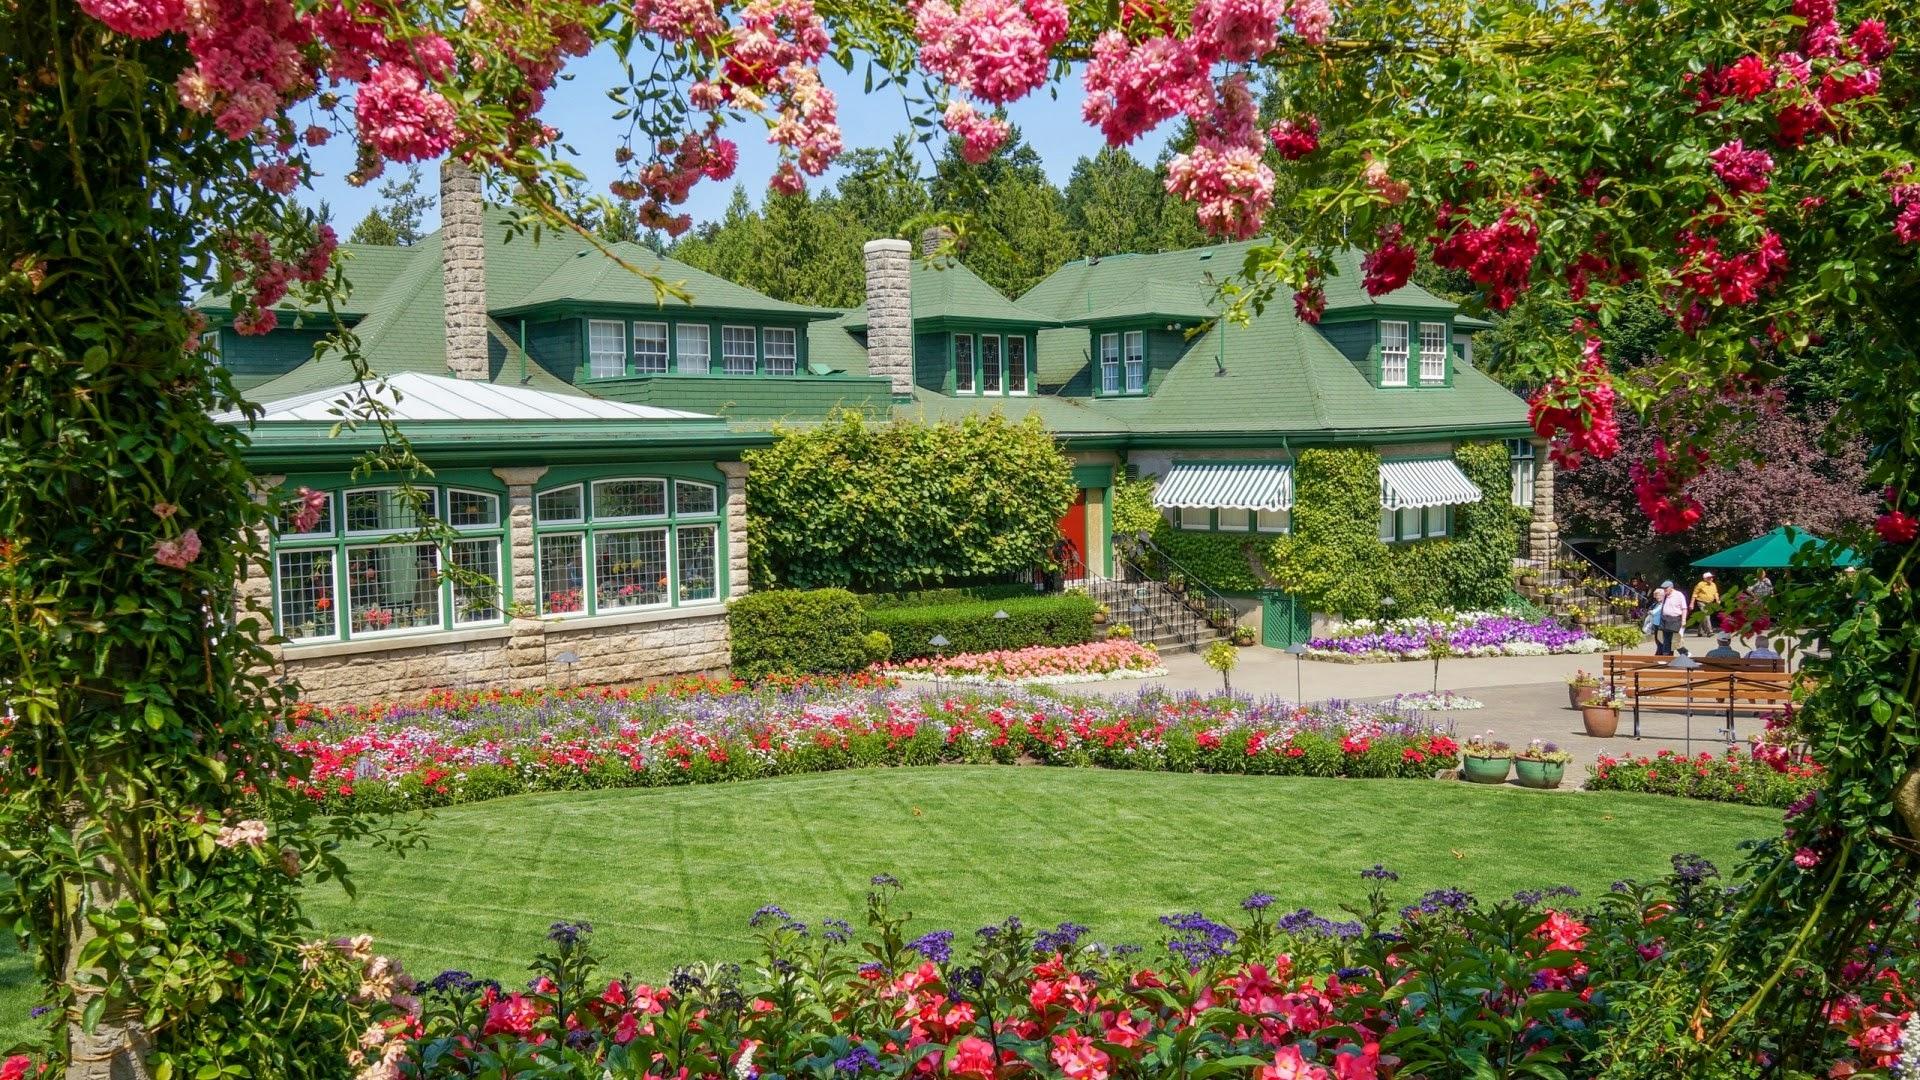 Im genes de jardines muy coloridos fotos e im genes en fotoblog x for Jardin 00 garden